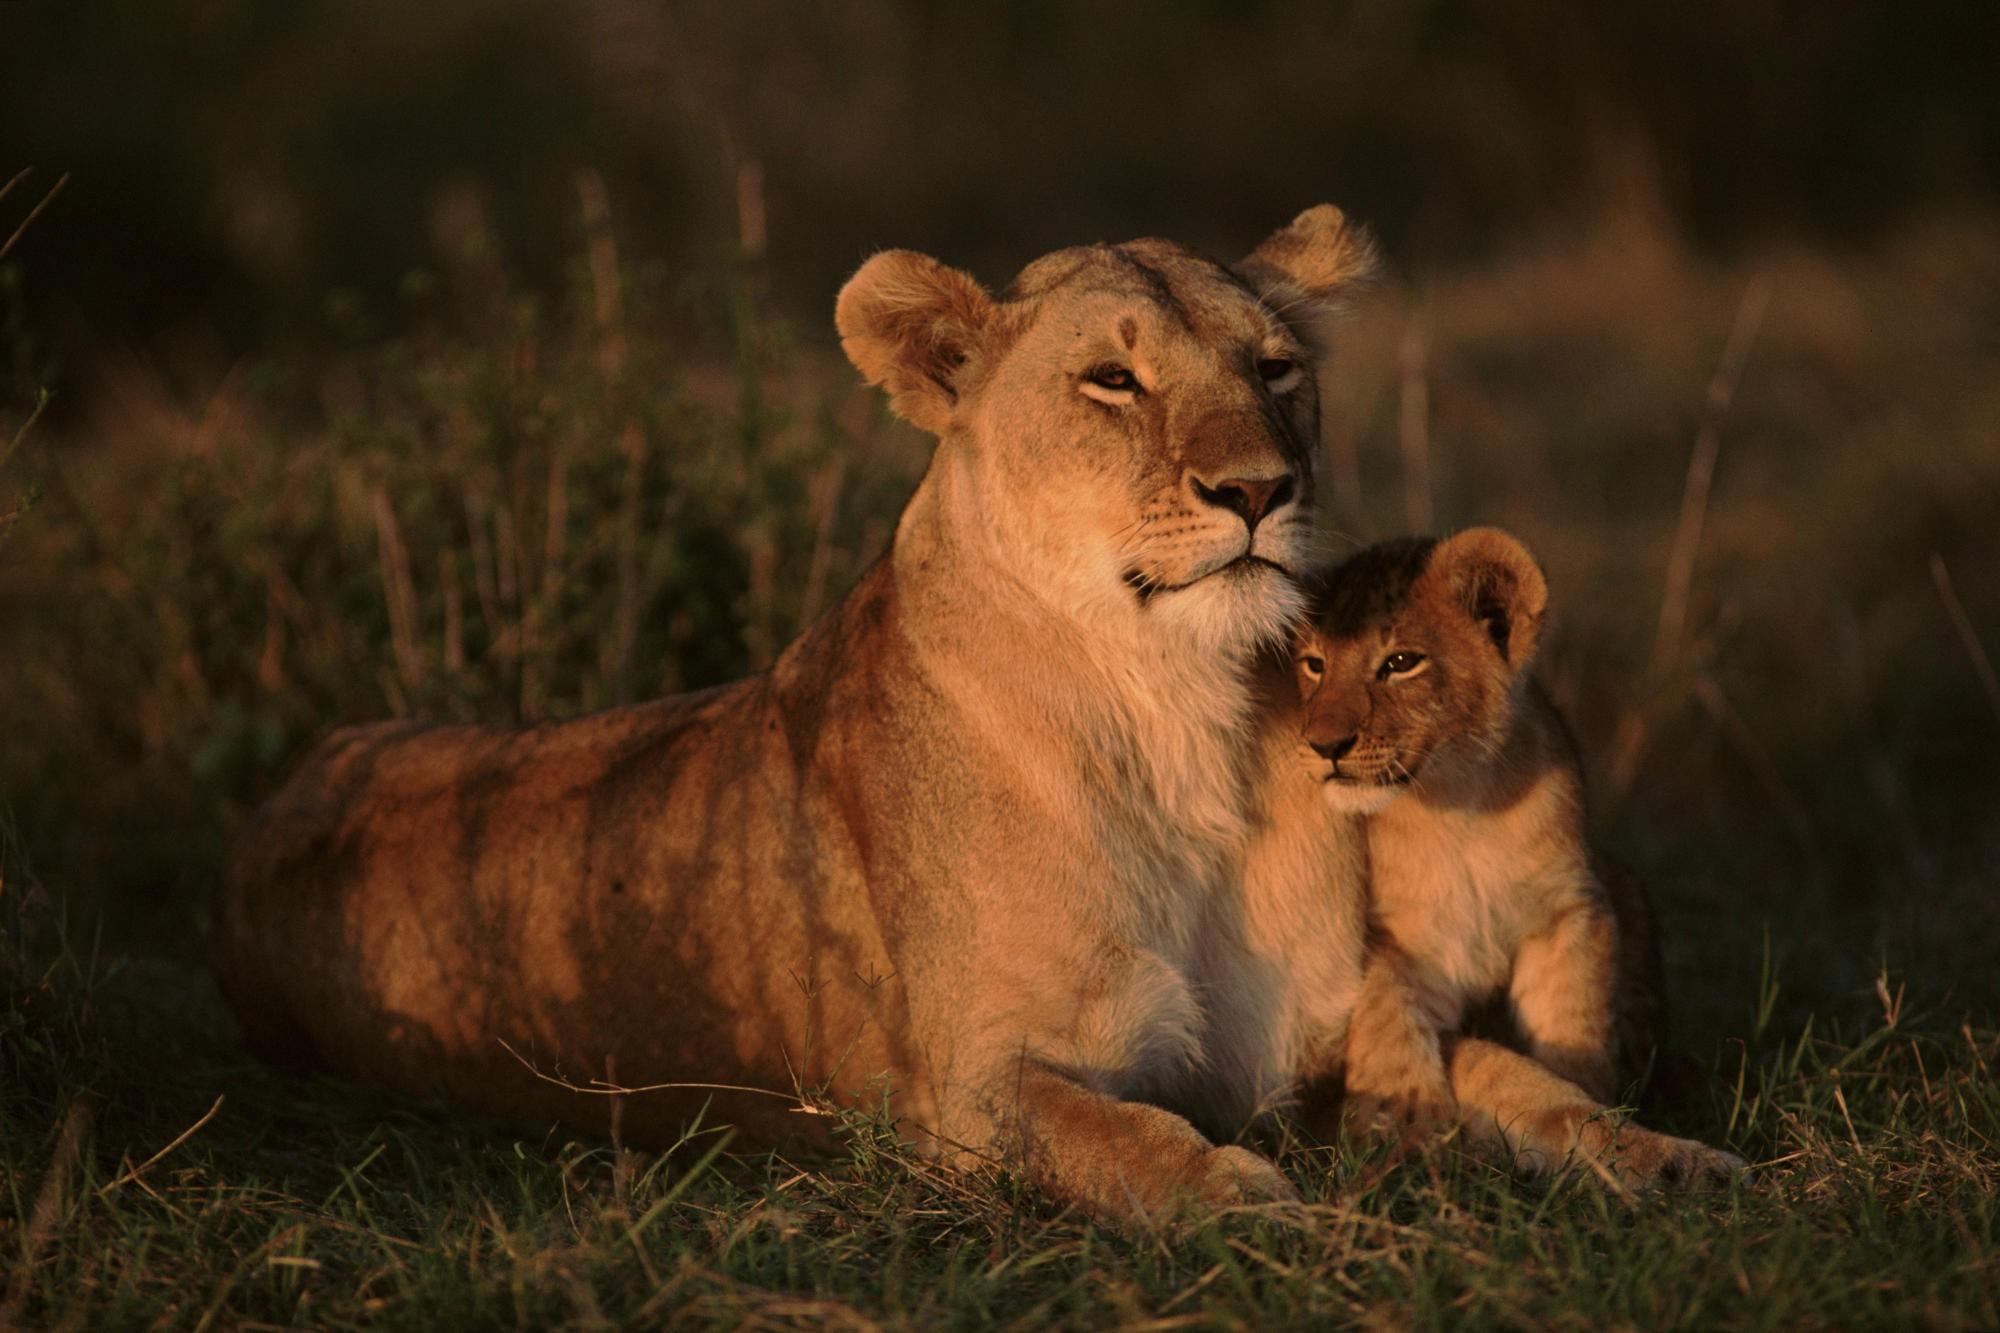 Львица и львенок » Львята » Кошачья галерея » Magnus Felidae ...